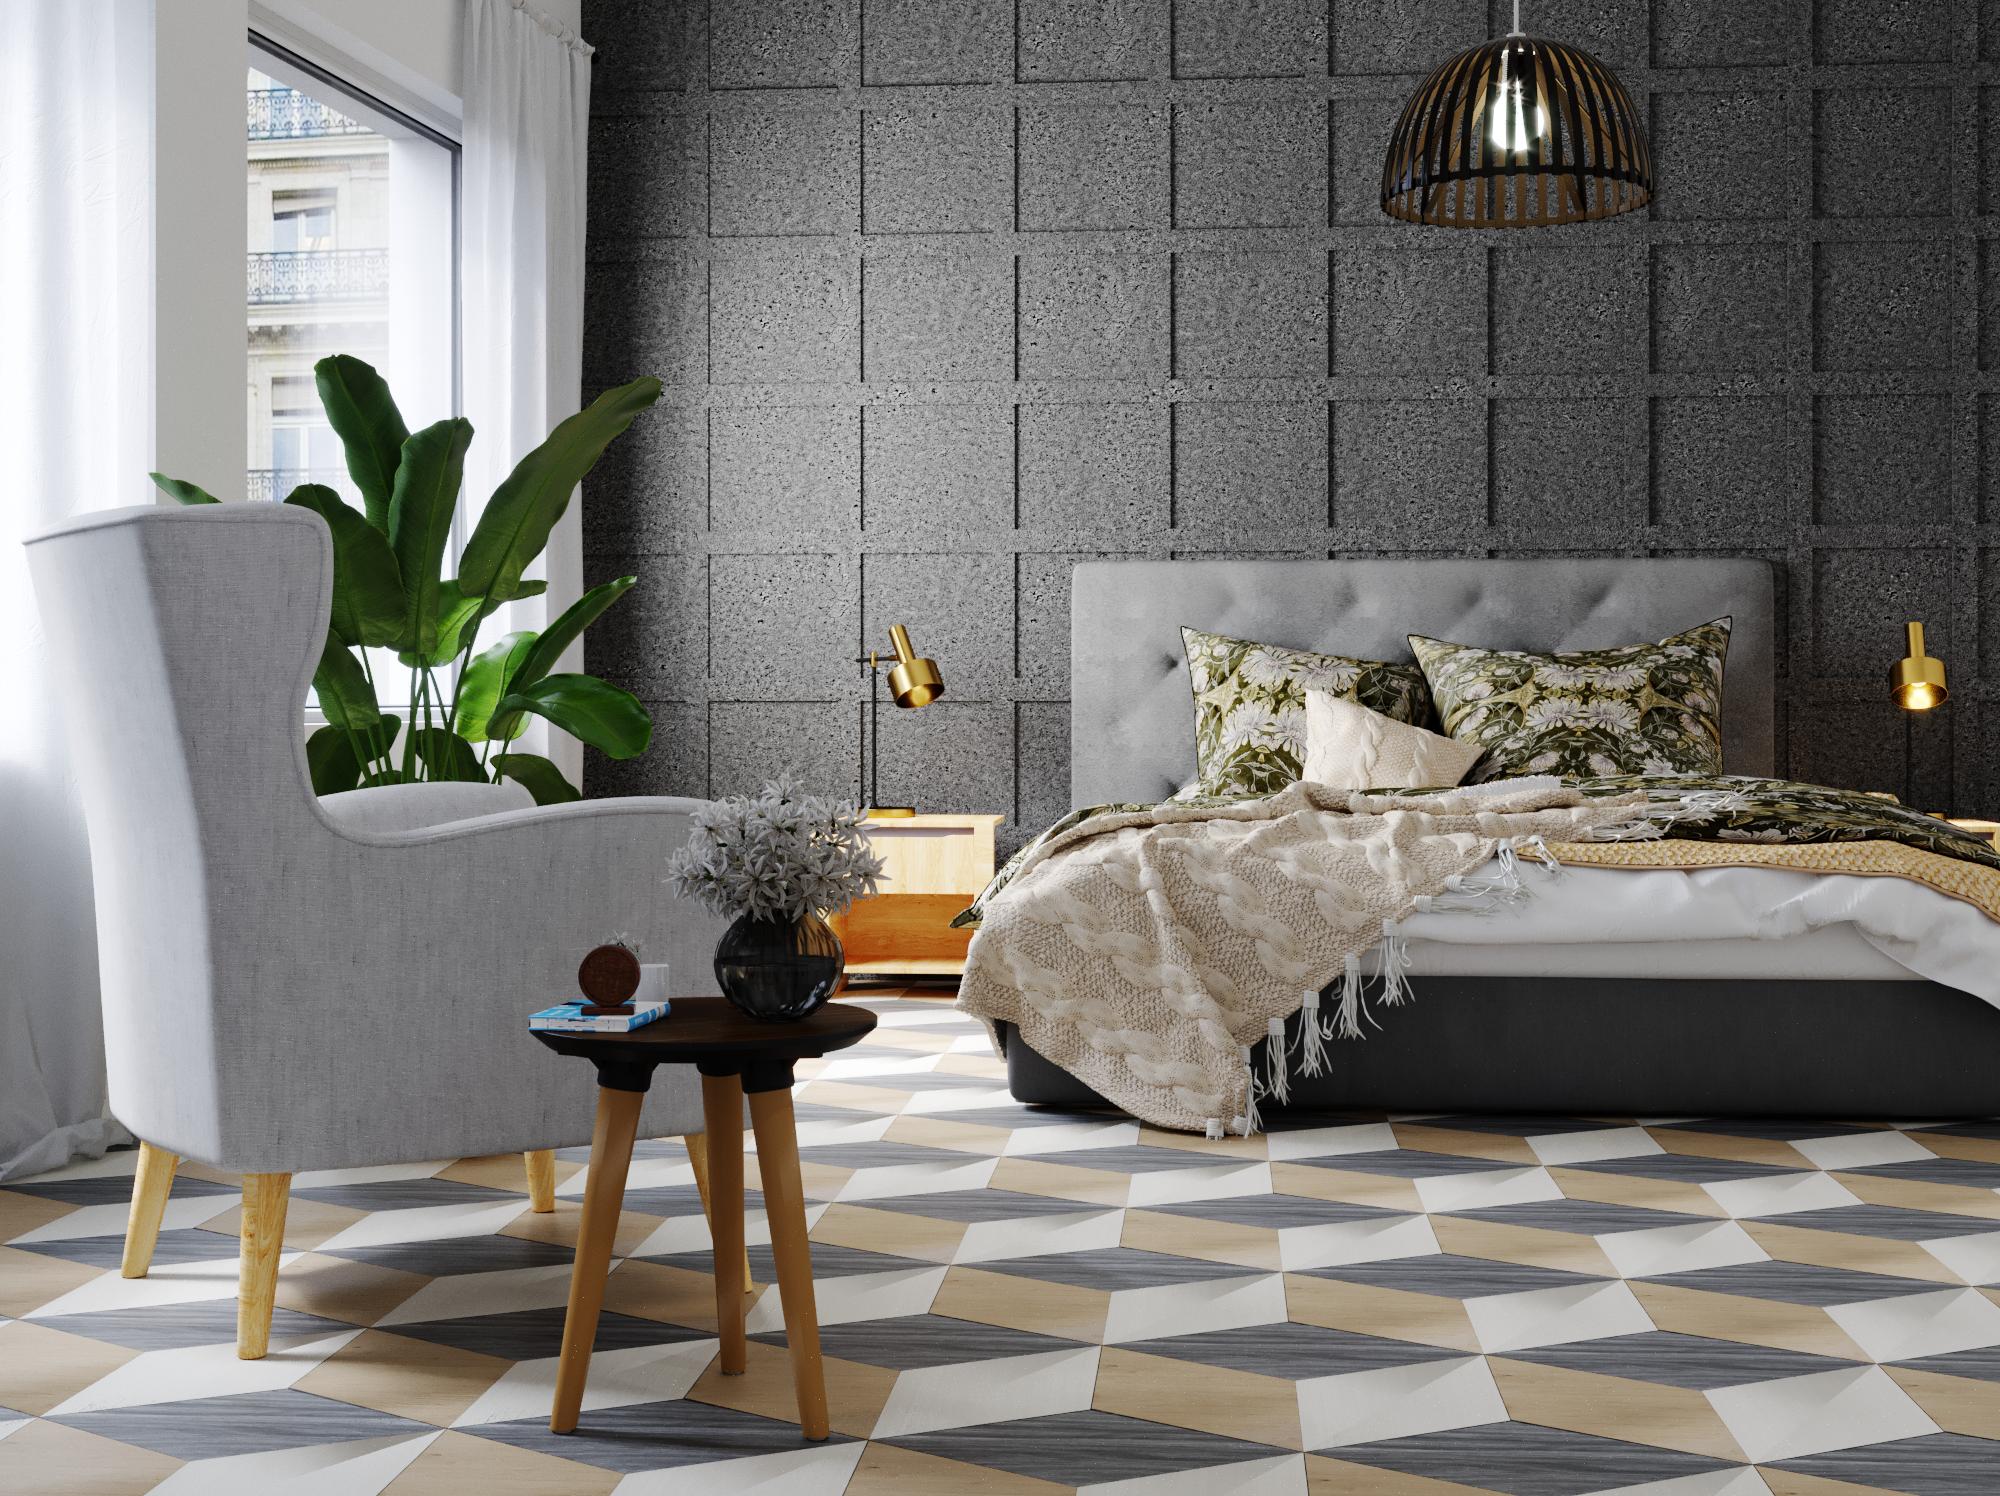 Chambre scandinave industrielle contemporaine grise beige blanche ...